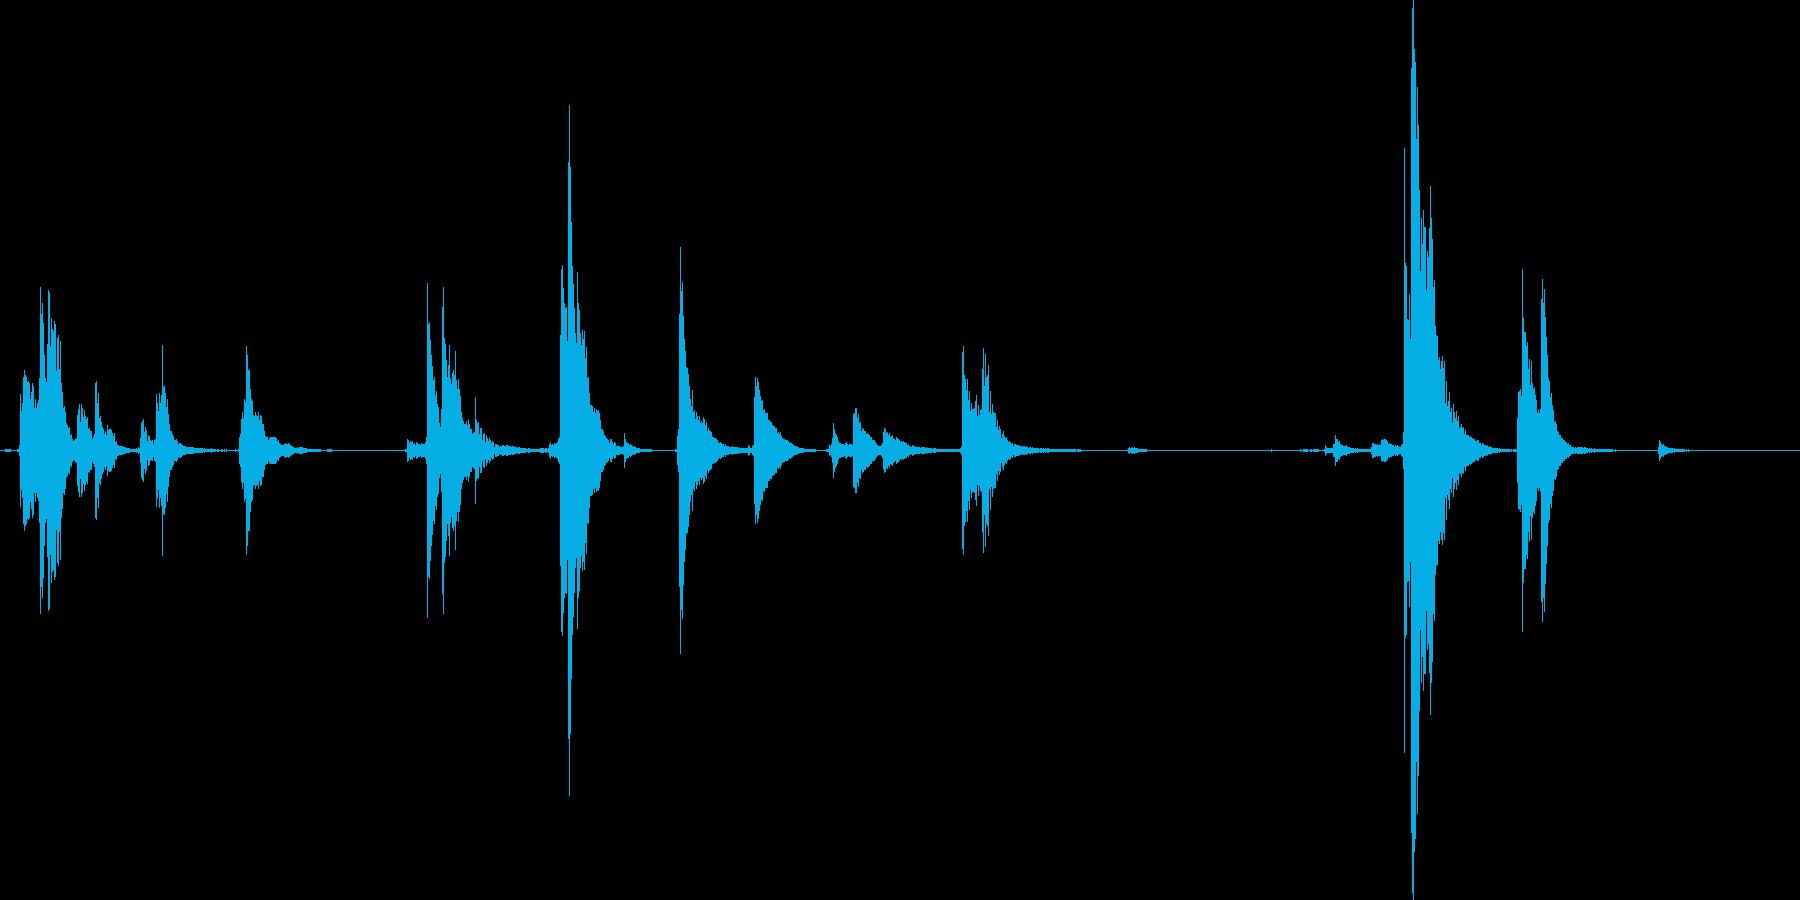 玄関のチリ~ンという音の再生済みの波形